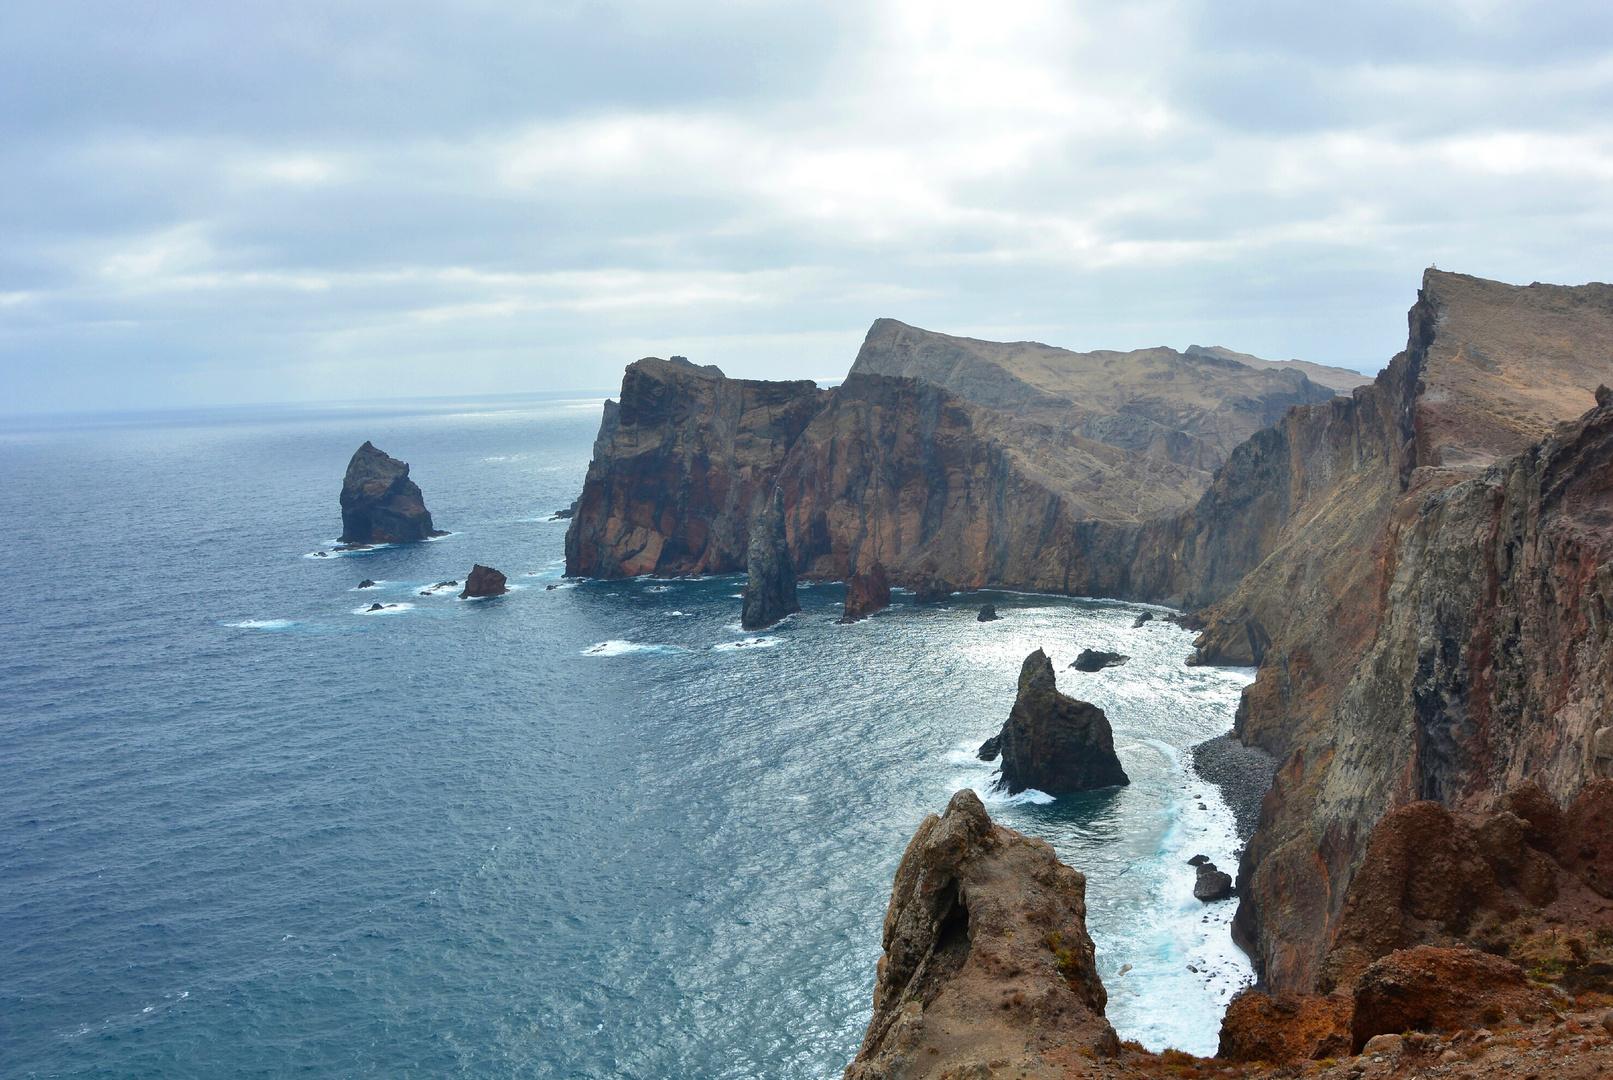 Ostkap, Madeira